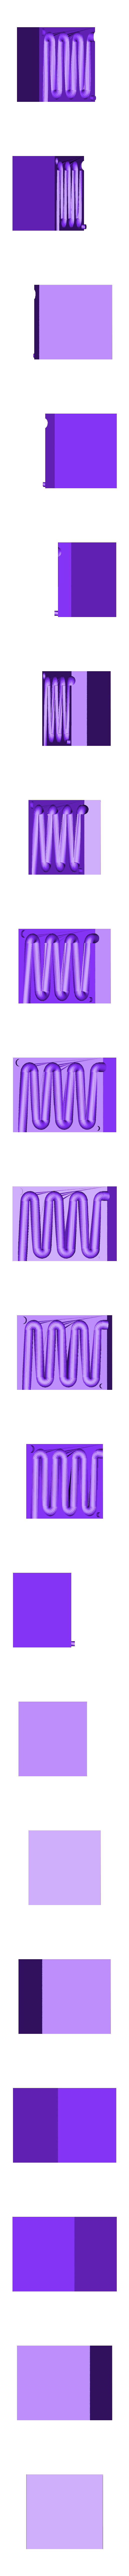 Cur_Marble_Track_Piece_2.stl Télécharger fichier STL gratuit La Boîte de Marbre Mystère • Plan pour imprimante 3D, Liszt